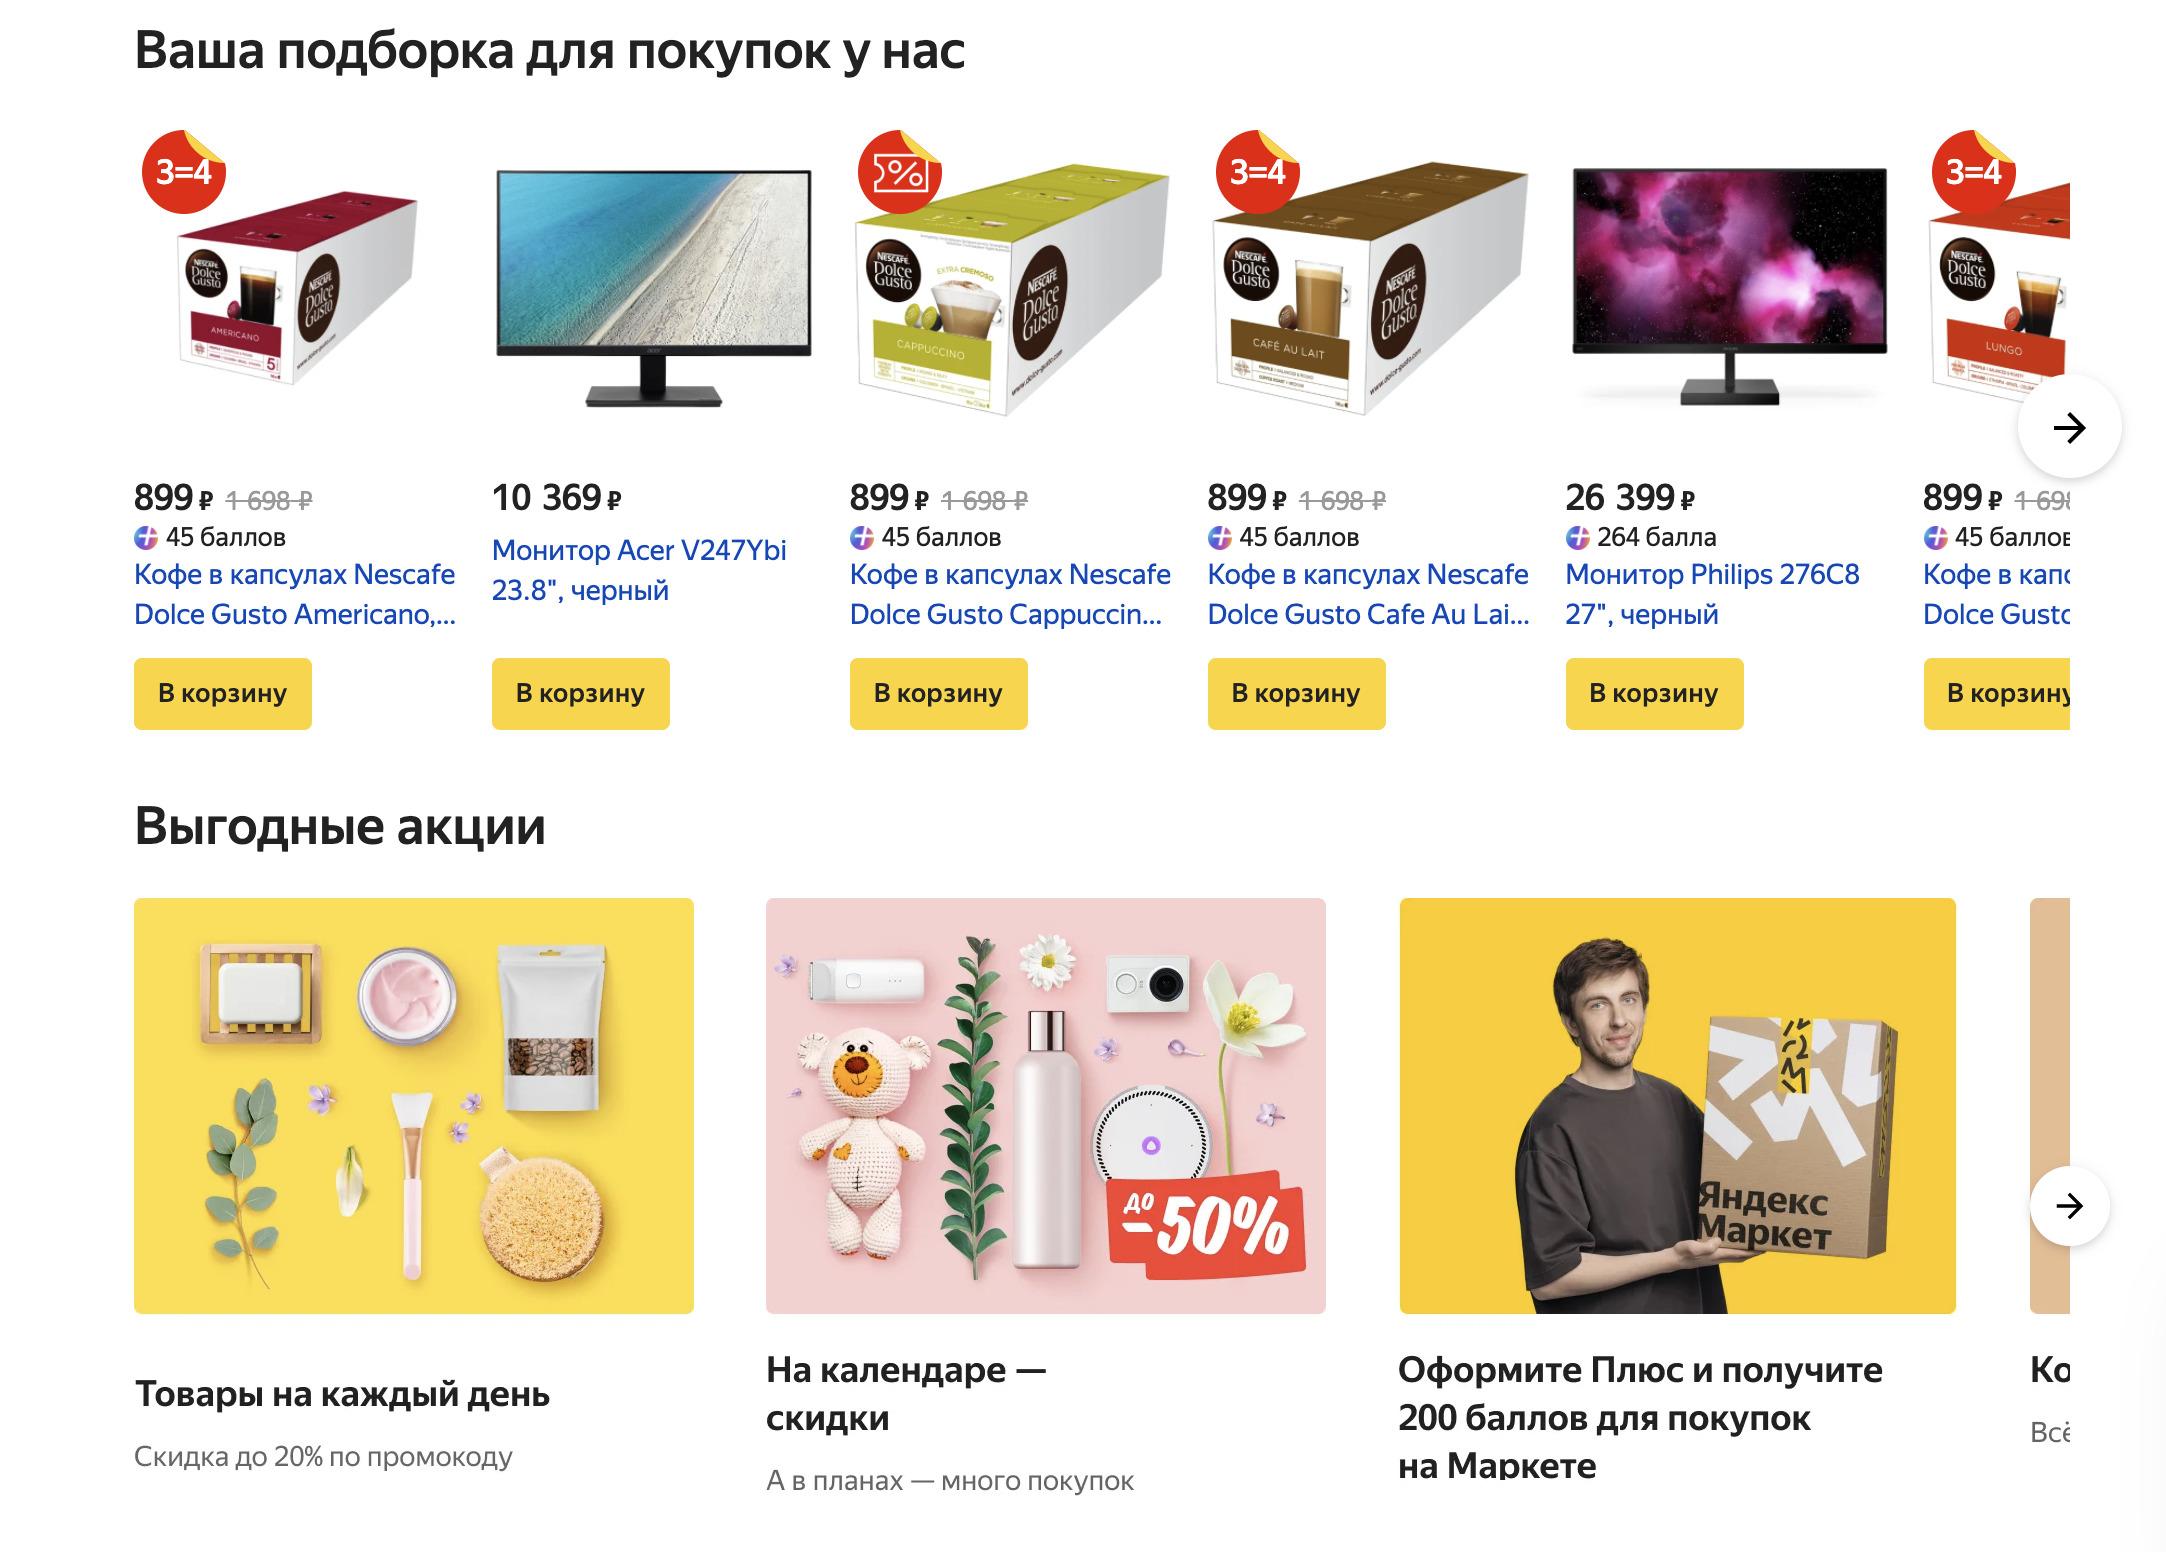 Доставка из Яндекс.Маркет в Челябинск, сроки, пункты выдачи, каталог